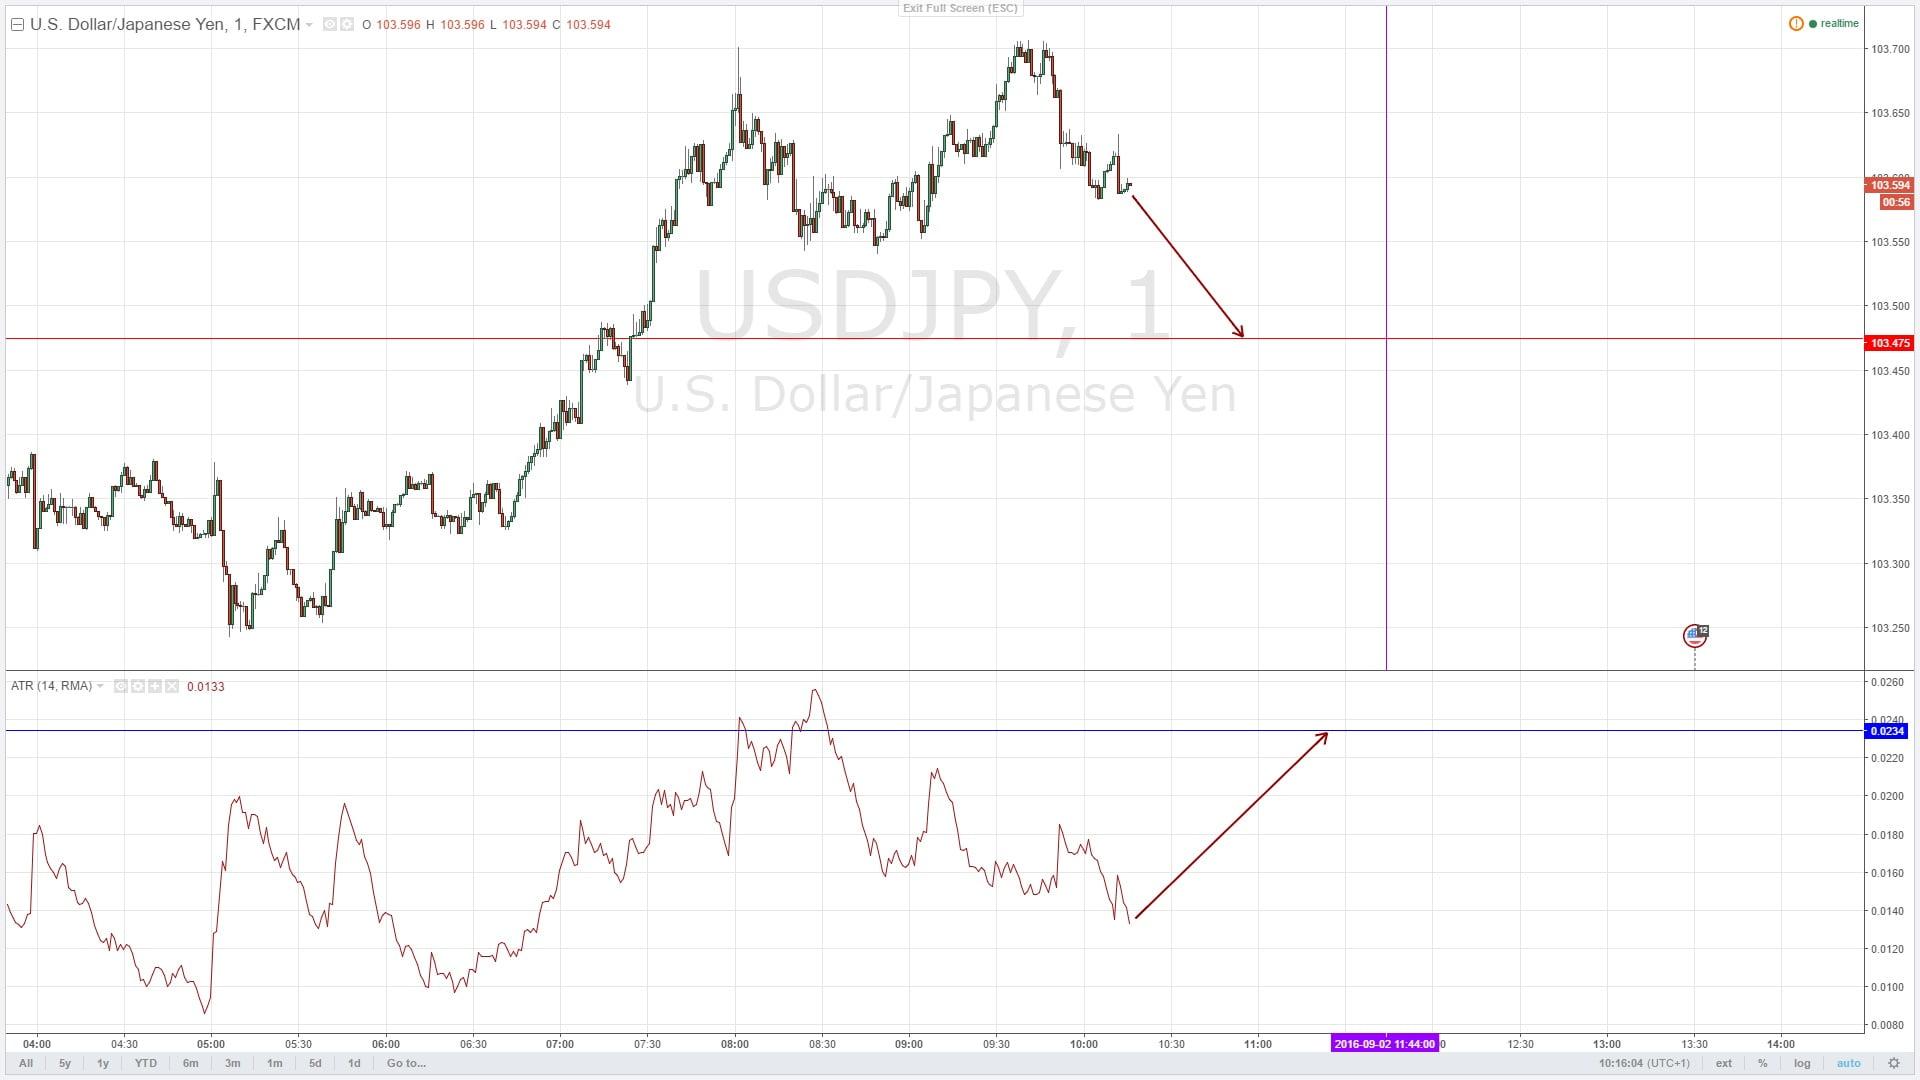 Анализ движения цены актива посредством индикатора ATR